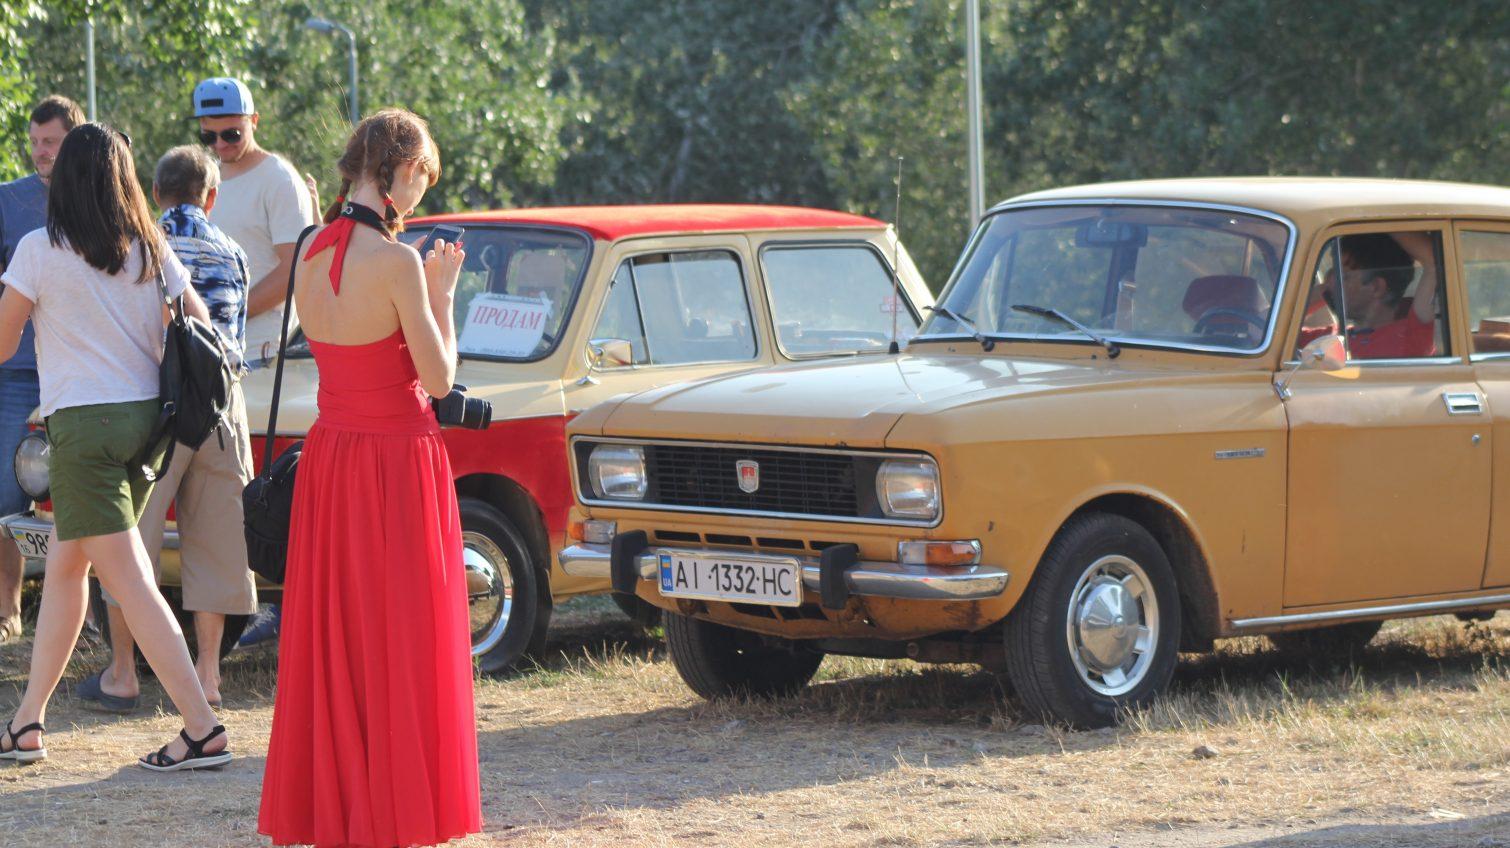 Коллекция проигрывателей, старинные сервизы и винтажные авто: в Одессе открылся ретро фестиваль (фоторепортаж) «фото»